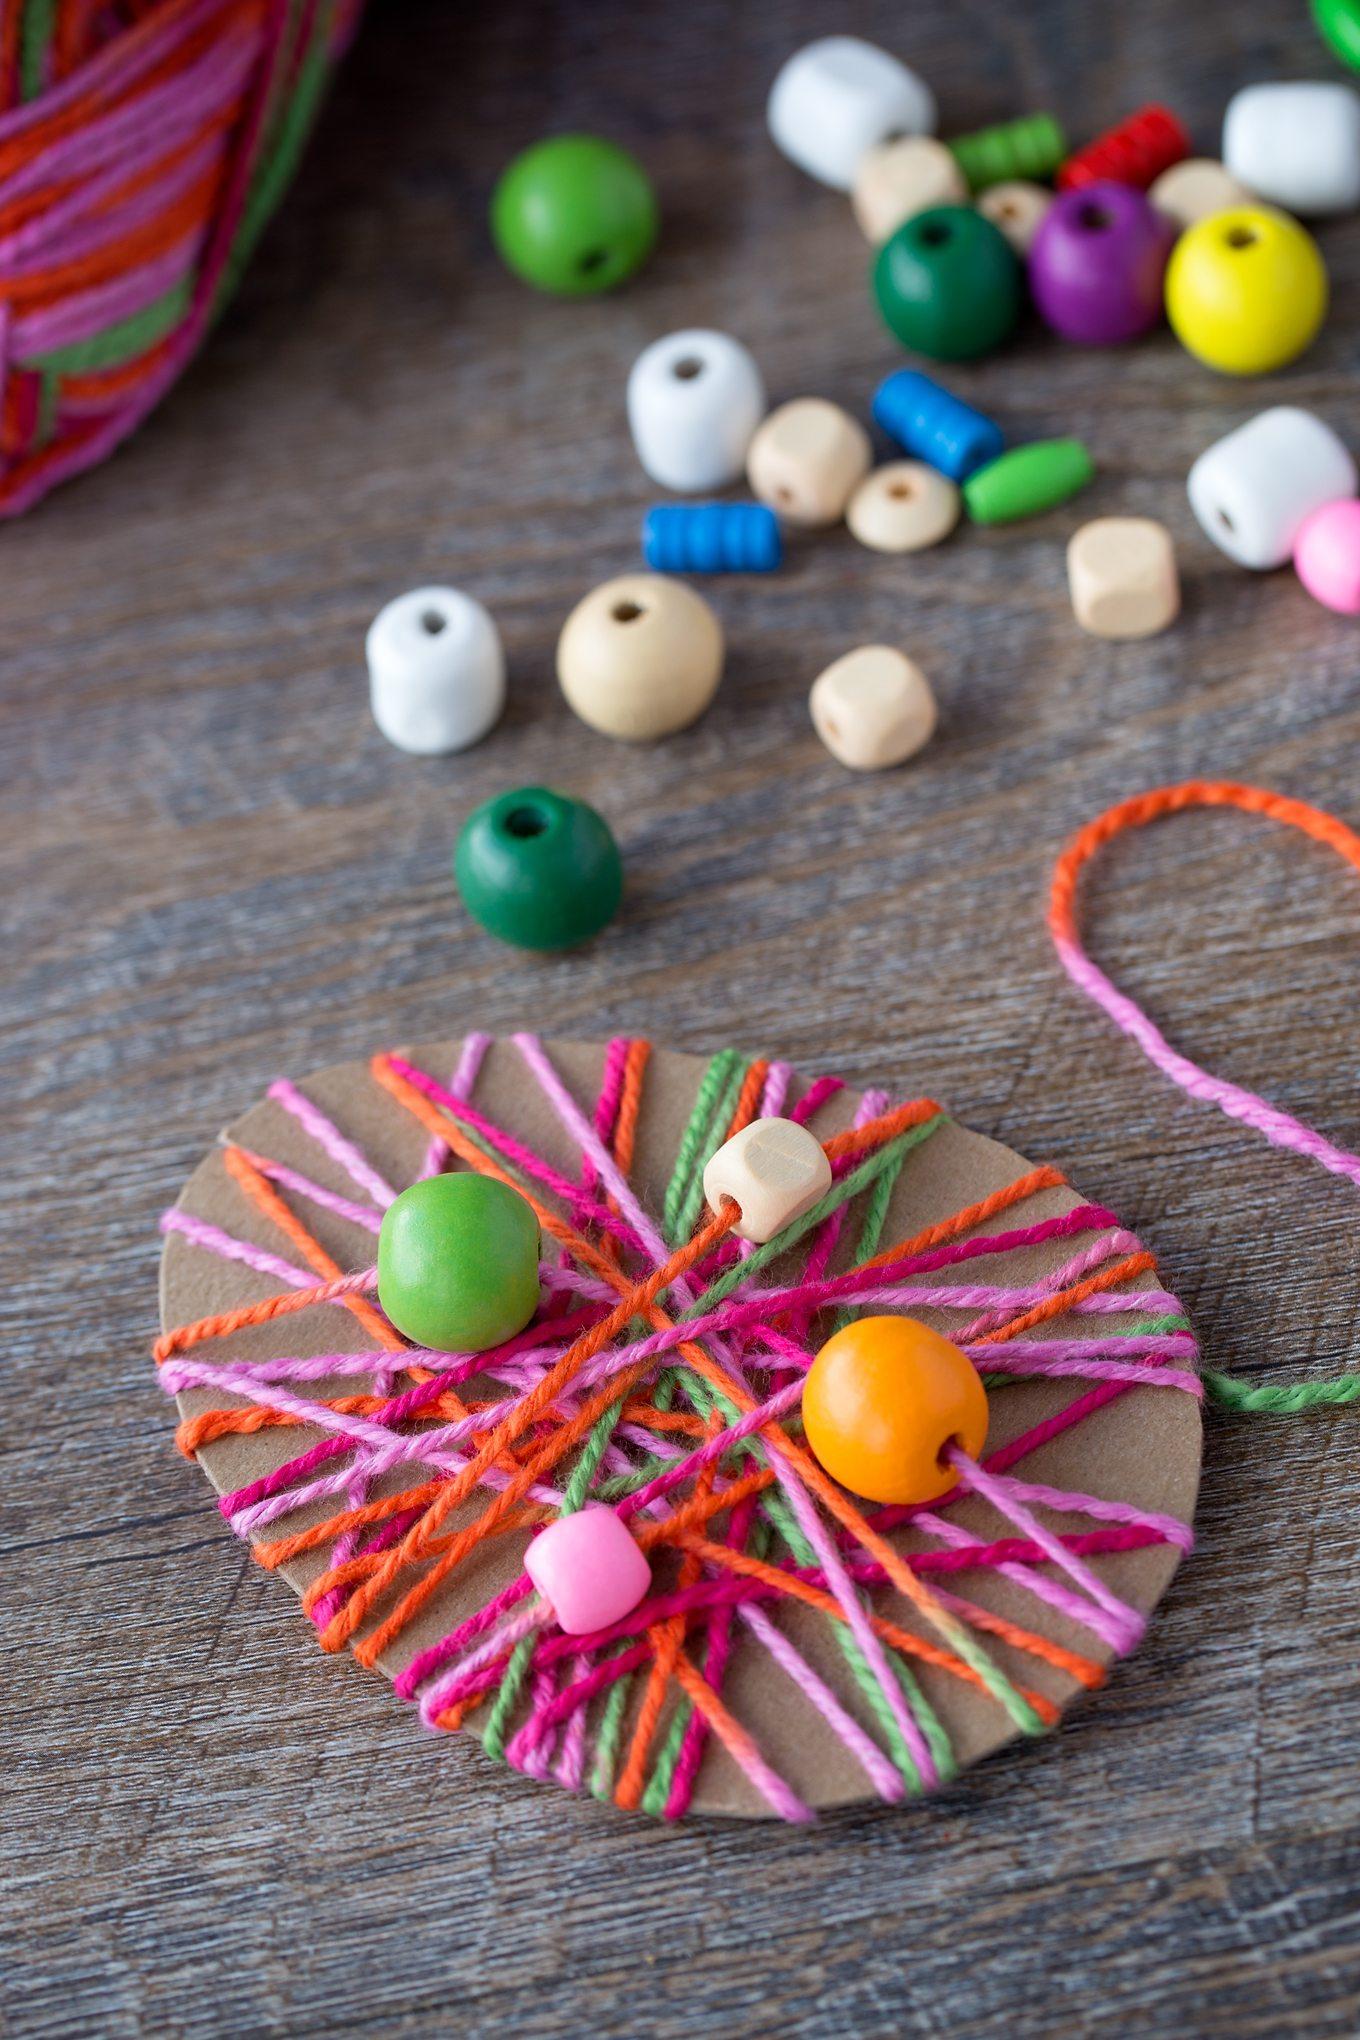 Knutselen voor Pasen samen met je peuter of kleuter? Dat kan heel goed met deze toffe paas knutselideeën die we voor je hebben verzameld. Zo wordt het paasweekend wel erg gezellig!